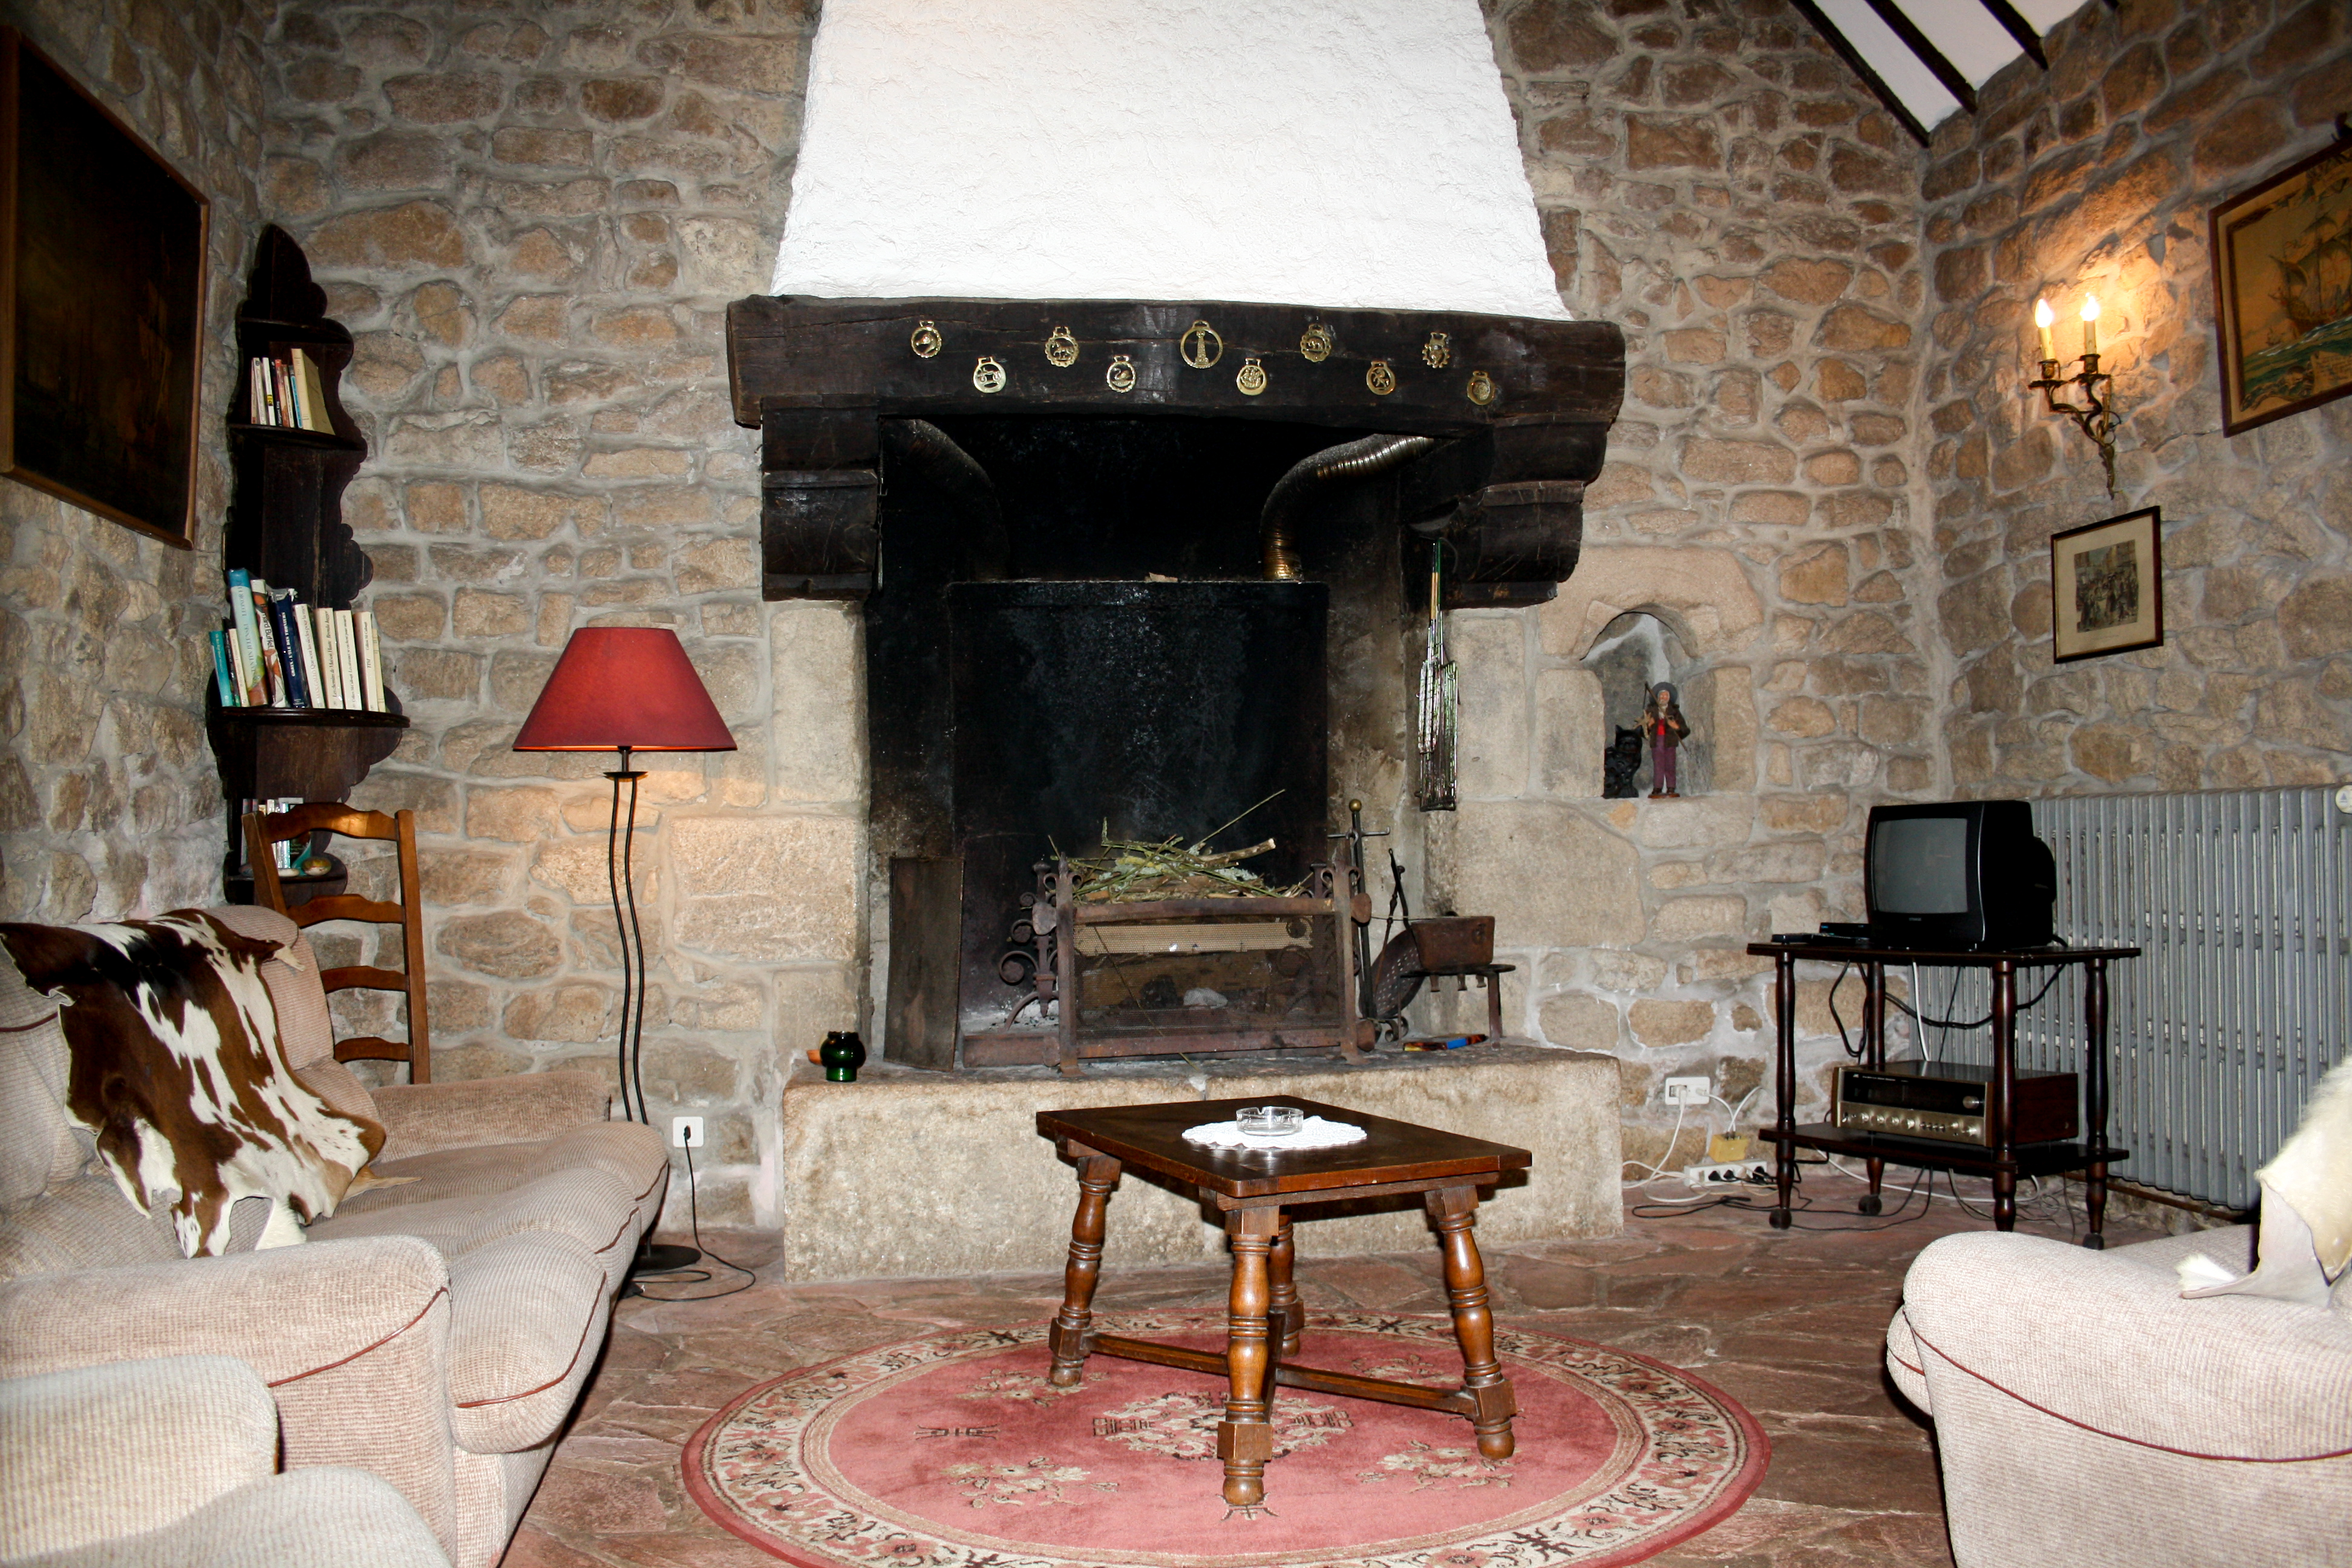 Gite La Grange pour 3 personnes à Hennebont, Morbihan, Bretagne Sud